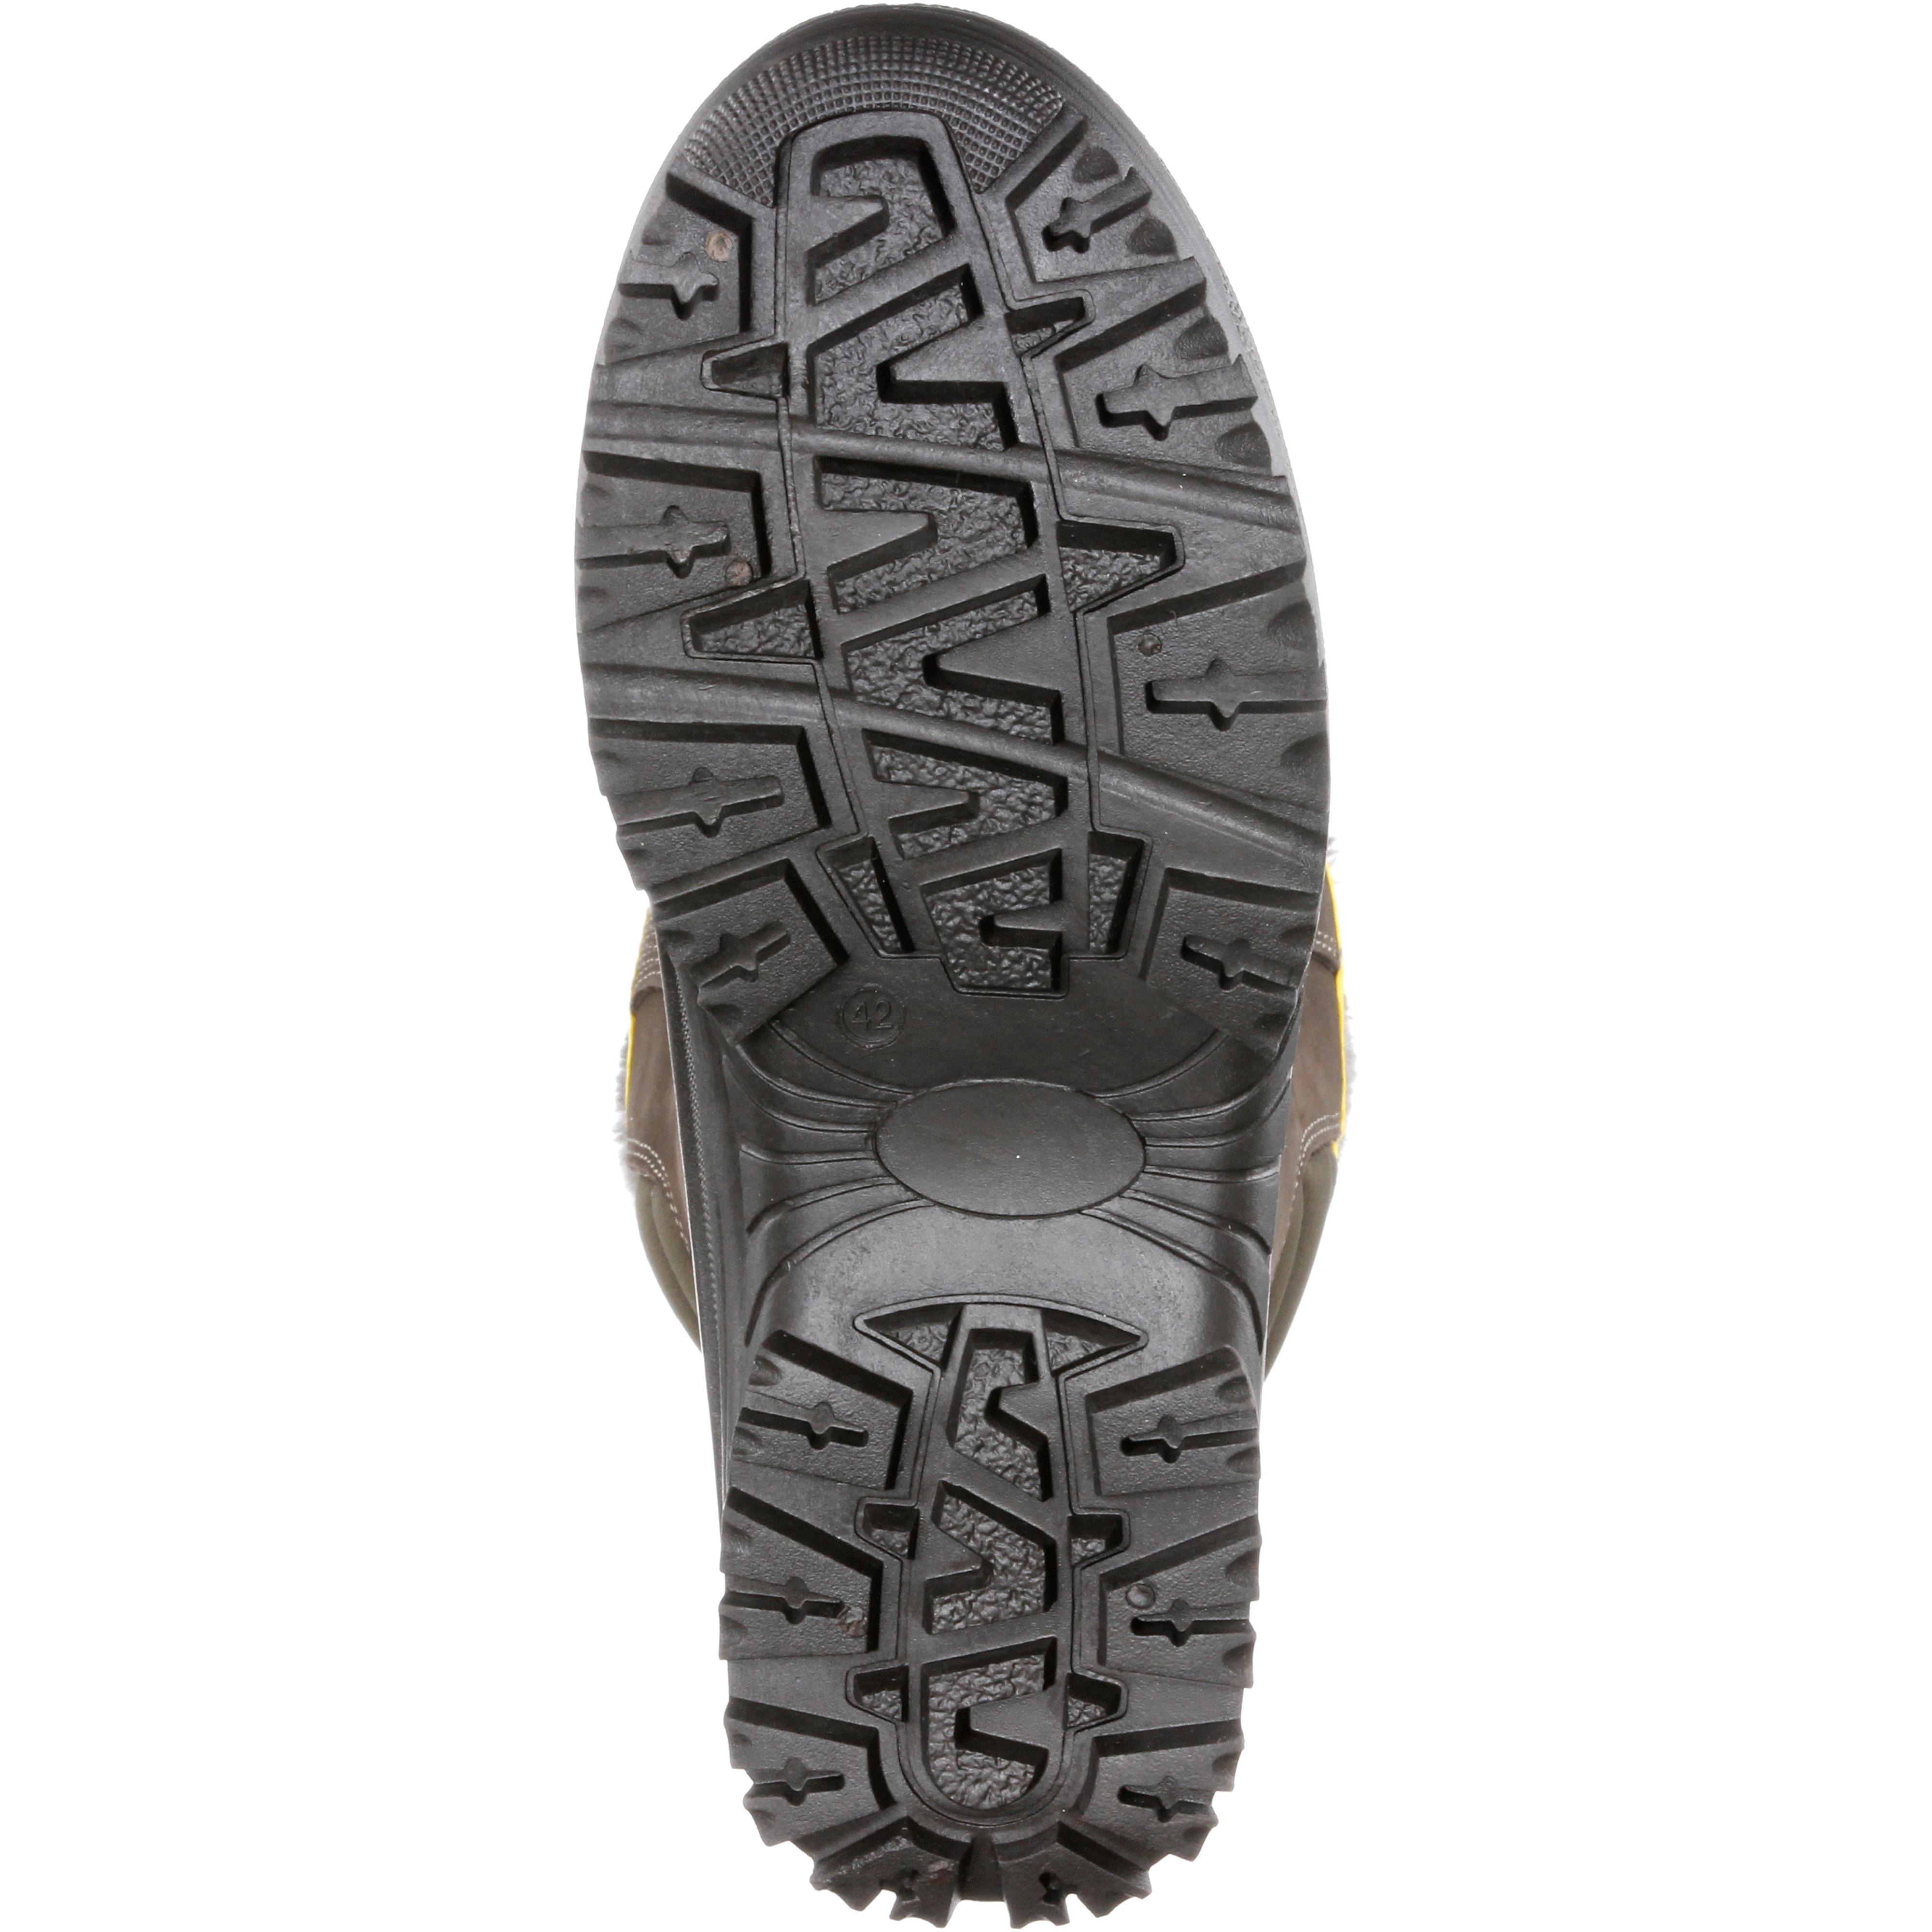 CMP Kinos WP Stiefel Herren Herren Herren braun im Online Shop von SportScheck kaufen Gute Qualität beliebte Schuhe 802e7c